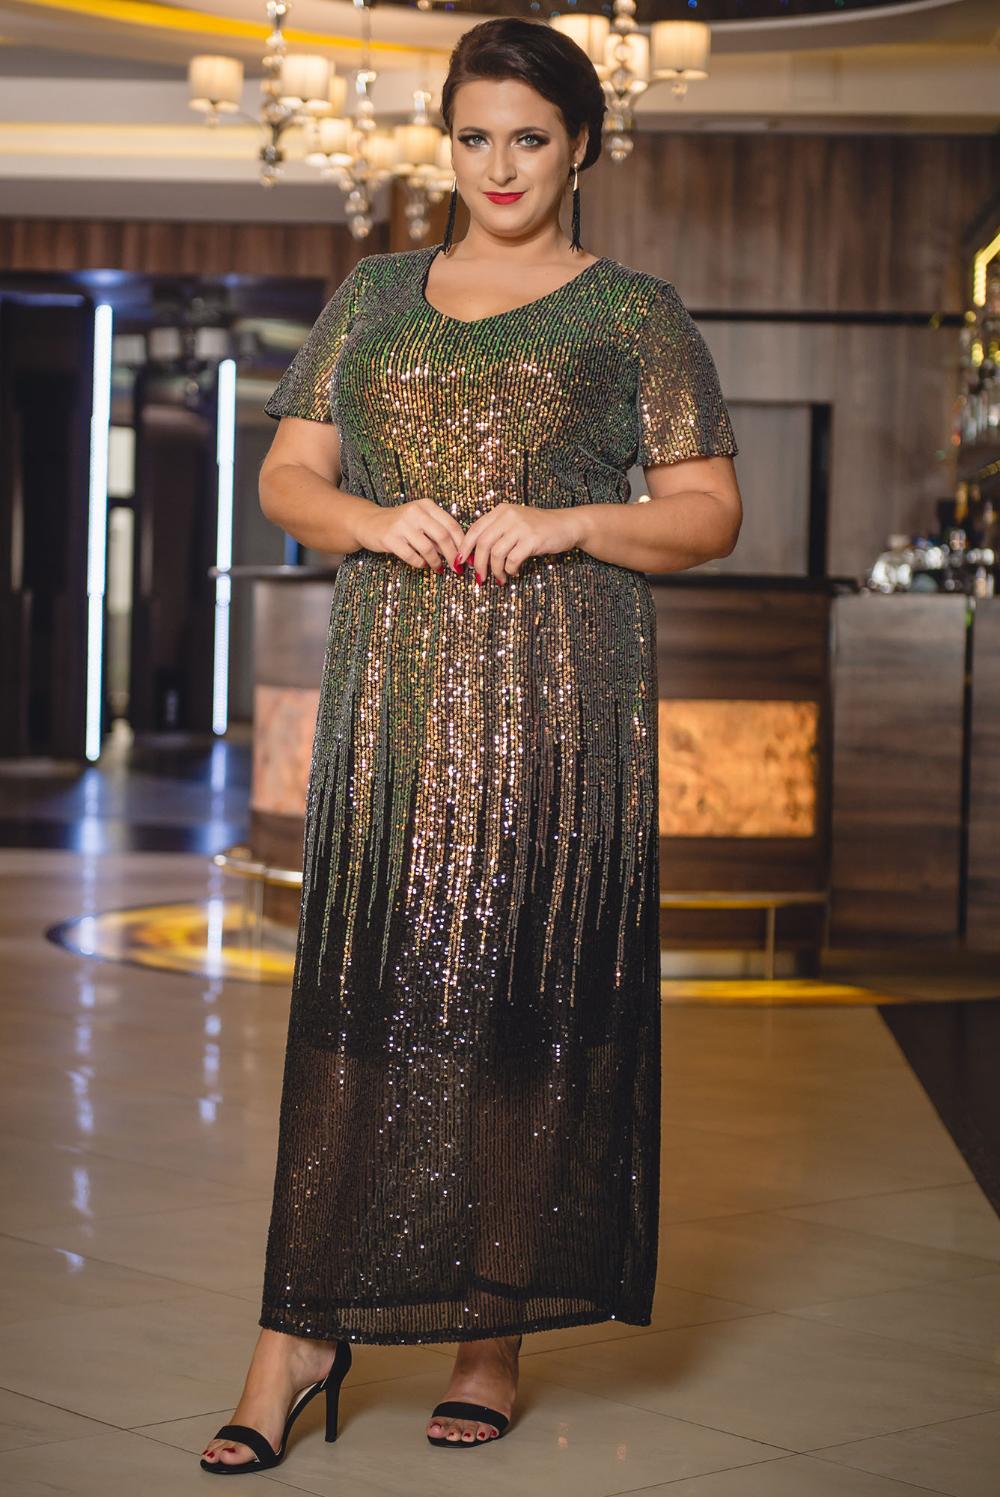 Sukienka Cekinowa Ombre Long Plus Size Sonia Czarno Zlota Promocja Sklep Internetowy Plus Size Fashion Style Plus Size